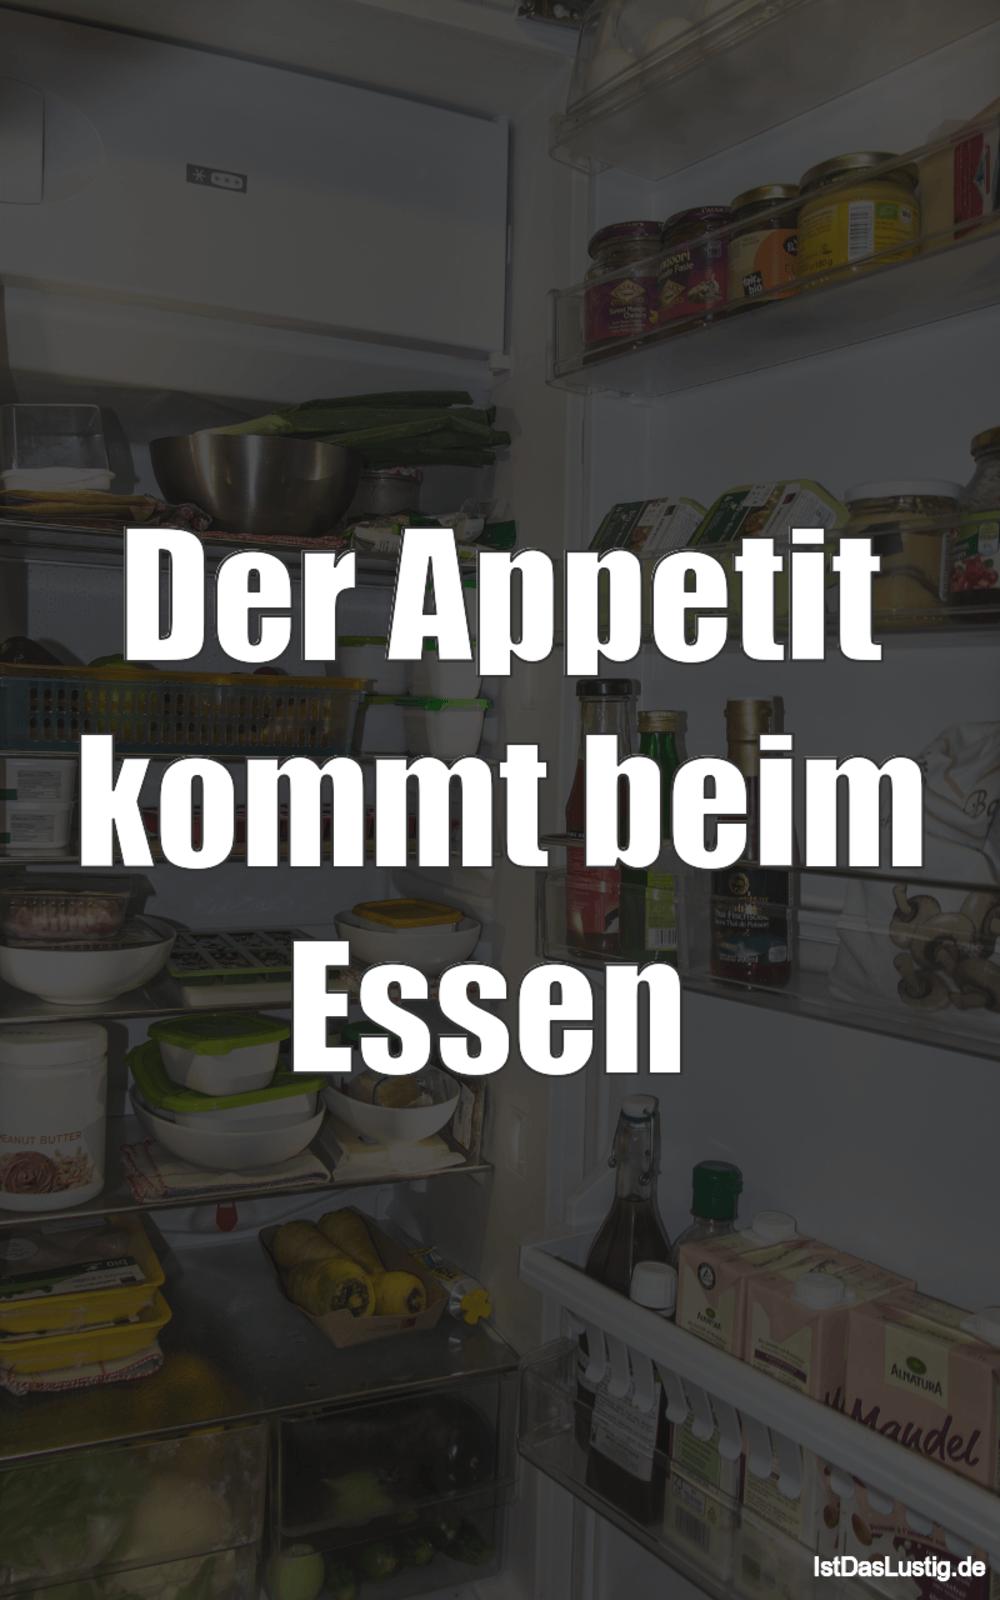 Die besten 57+ essen Sprüche auf IstDasLustig.de